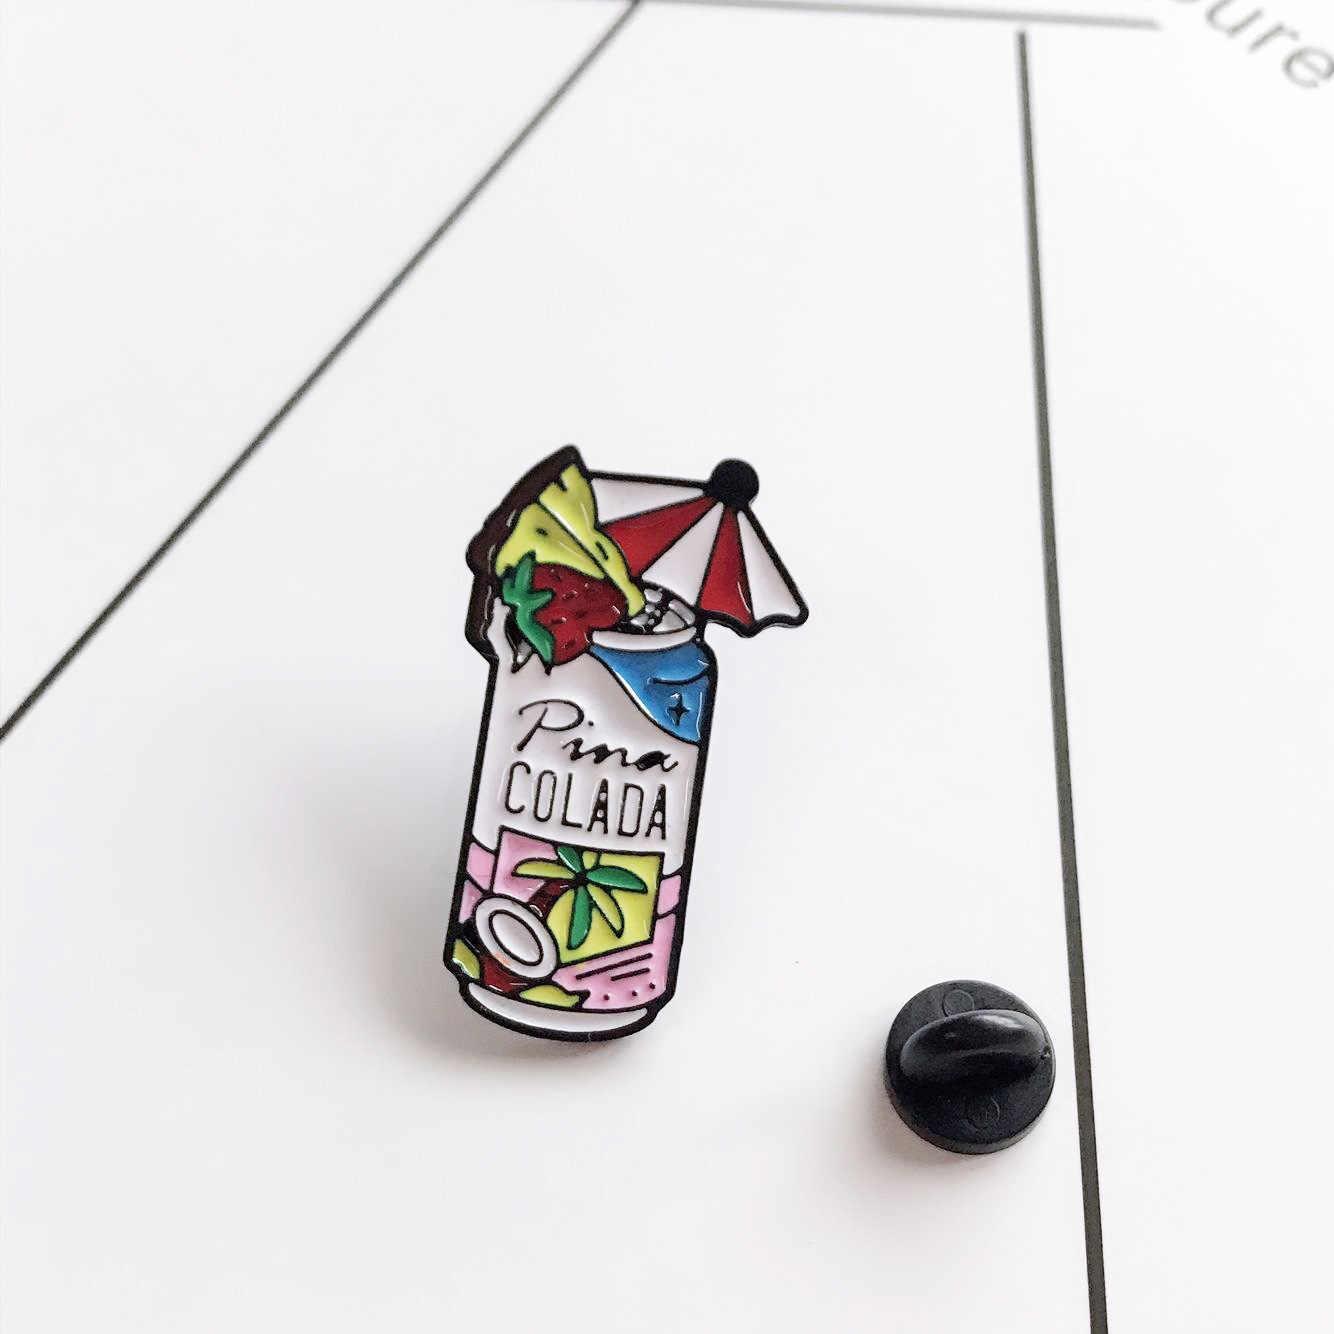 Del fumetto Da Cocktail Spille Per Le Donne Spille UN COLADA di Cocco Grove Fragranza Da Cocktail Spilla Smalto Spille Giubbotti jeans Collare Distintivo